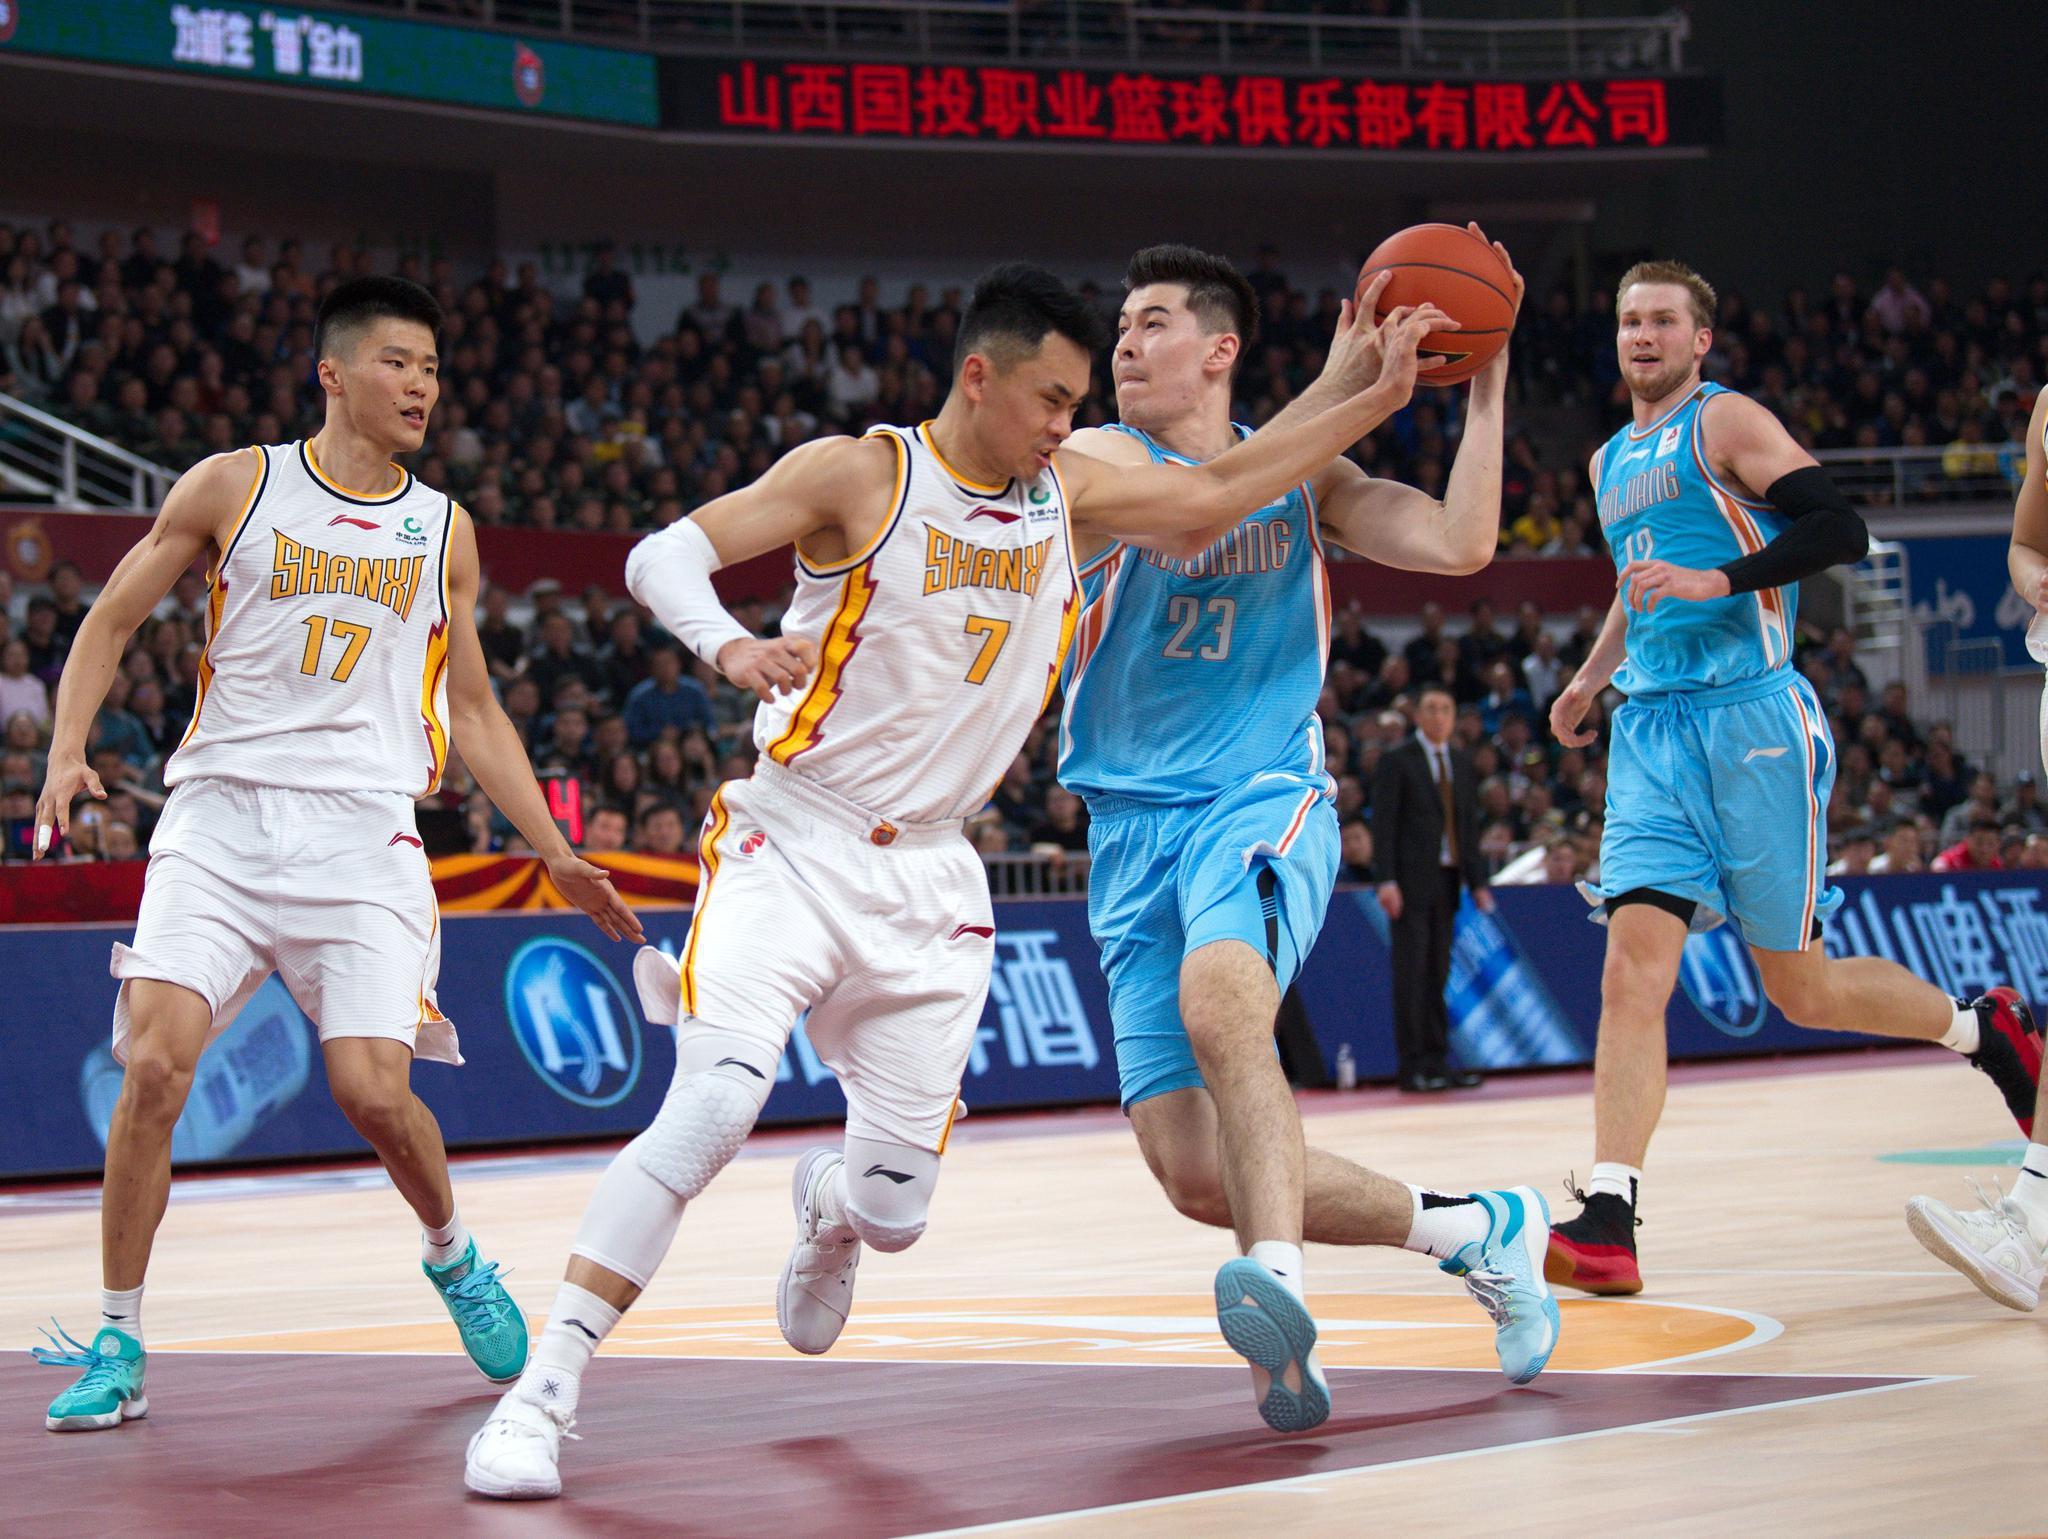 篮球——CBA常规赛:山西汾酒股份不敌新疆伊力特